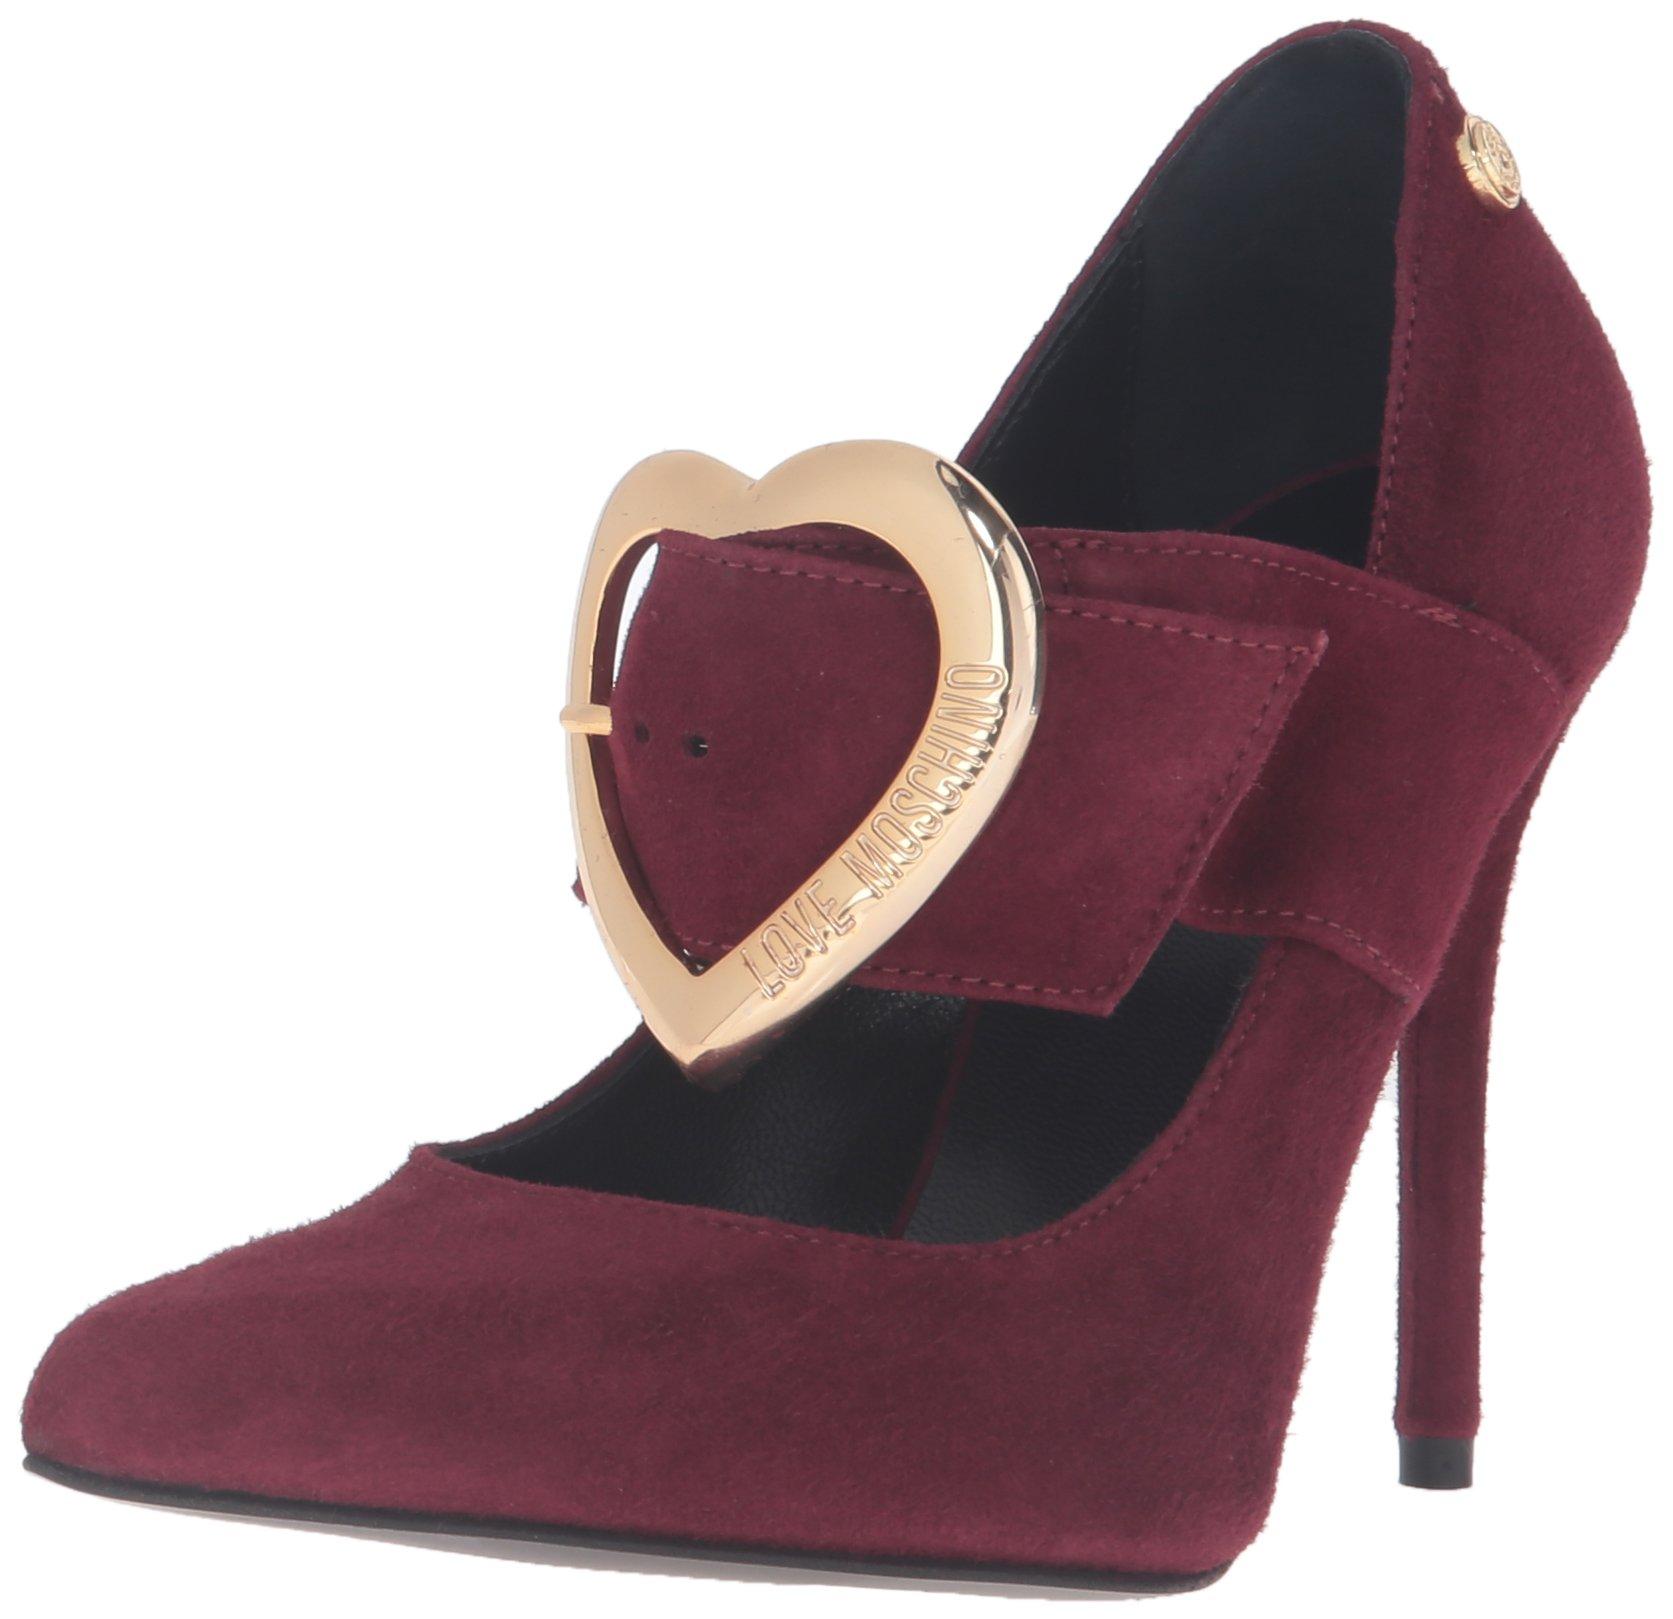 Love Moschino Women's Heel Dress Pump, Oxblood, 40 EU/10 M US